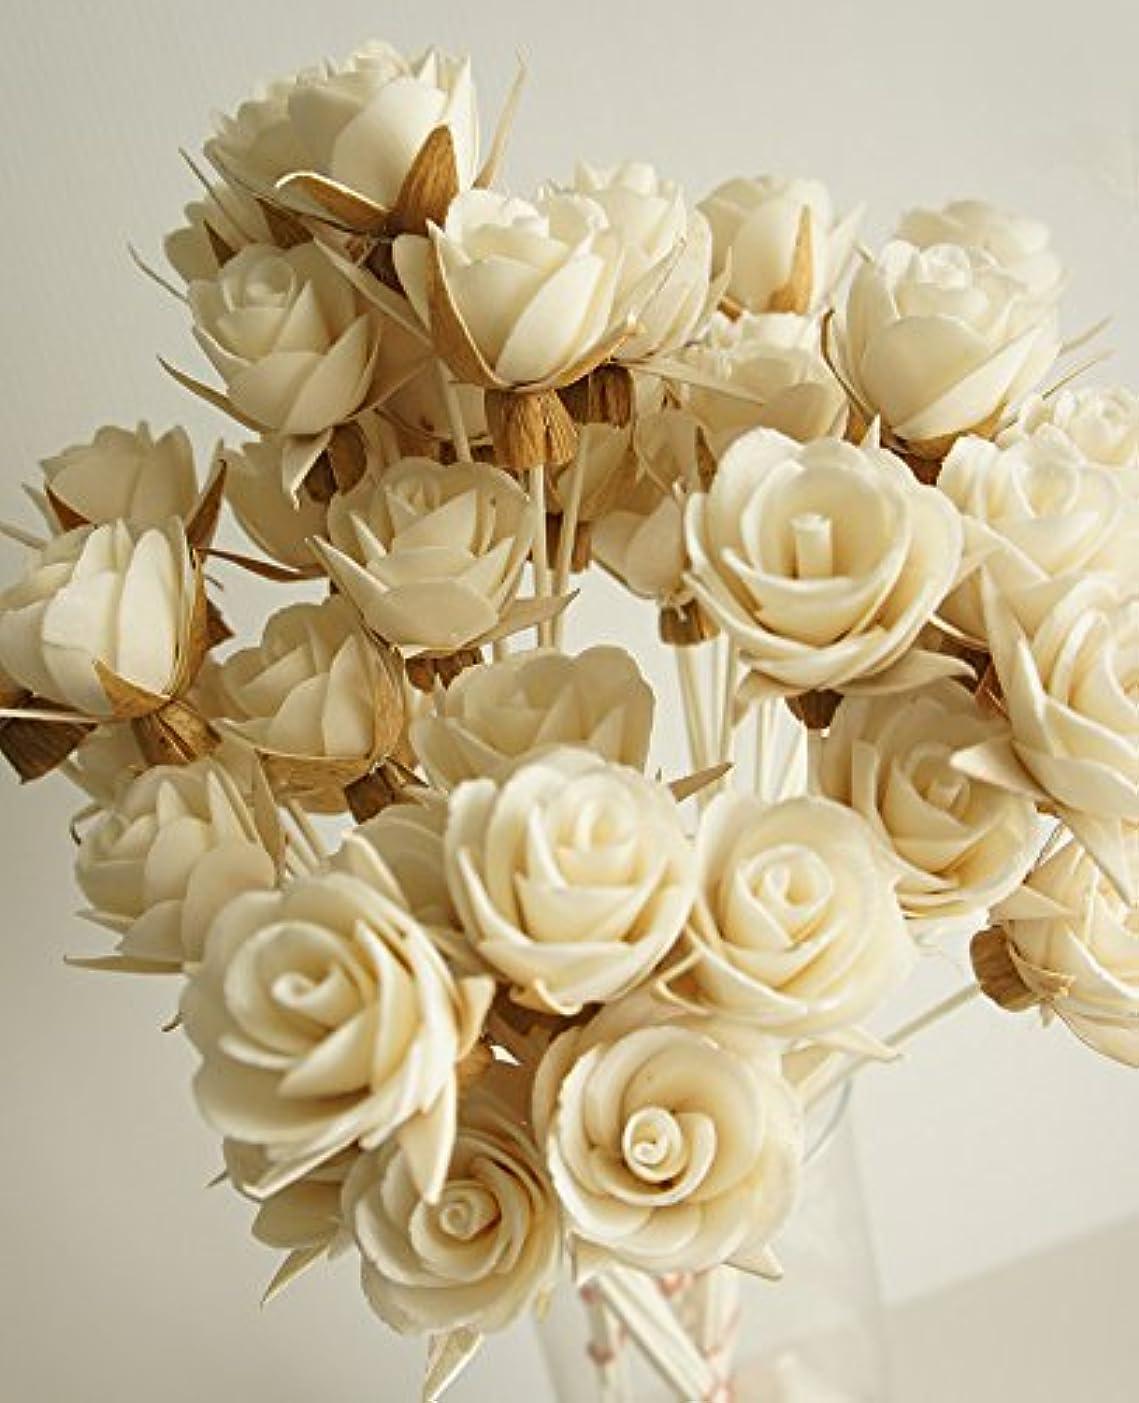 ガイダンス被害者明らかにするエキゾチックエレガンスのセット50ローズデザインSola Flowerスティックfor Aroma Diffuser直径1.5。」